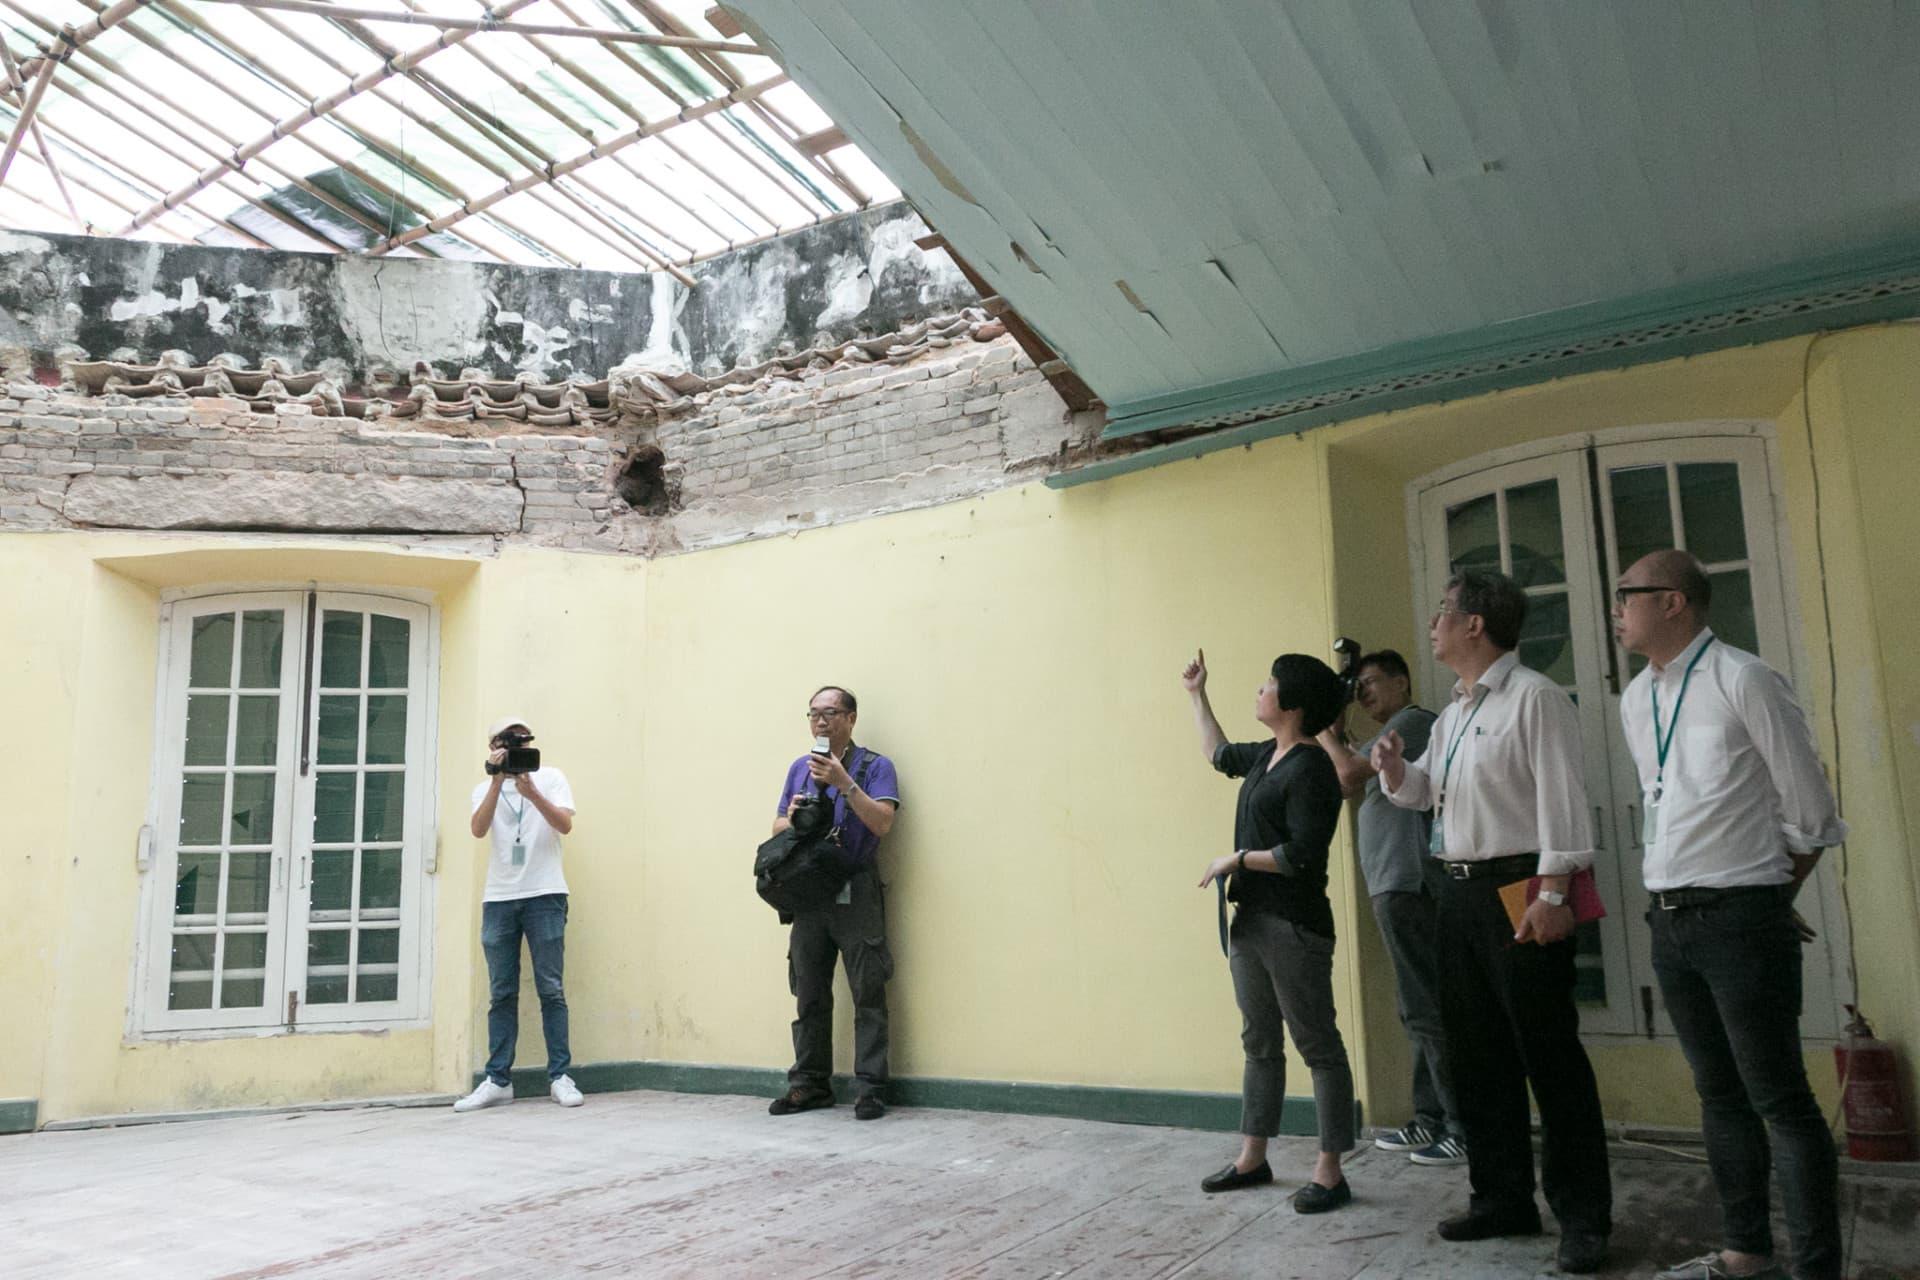 文化局邀請傳媒視察聖奧斯定堂倒塌事故現場